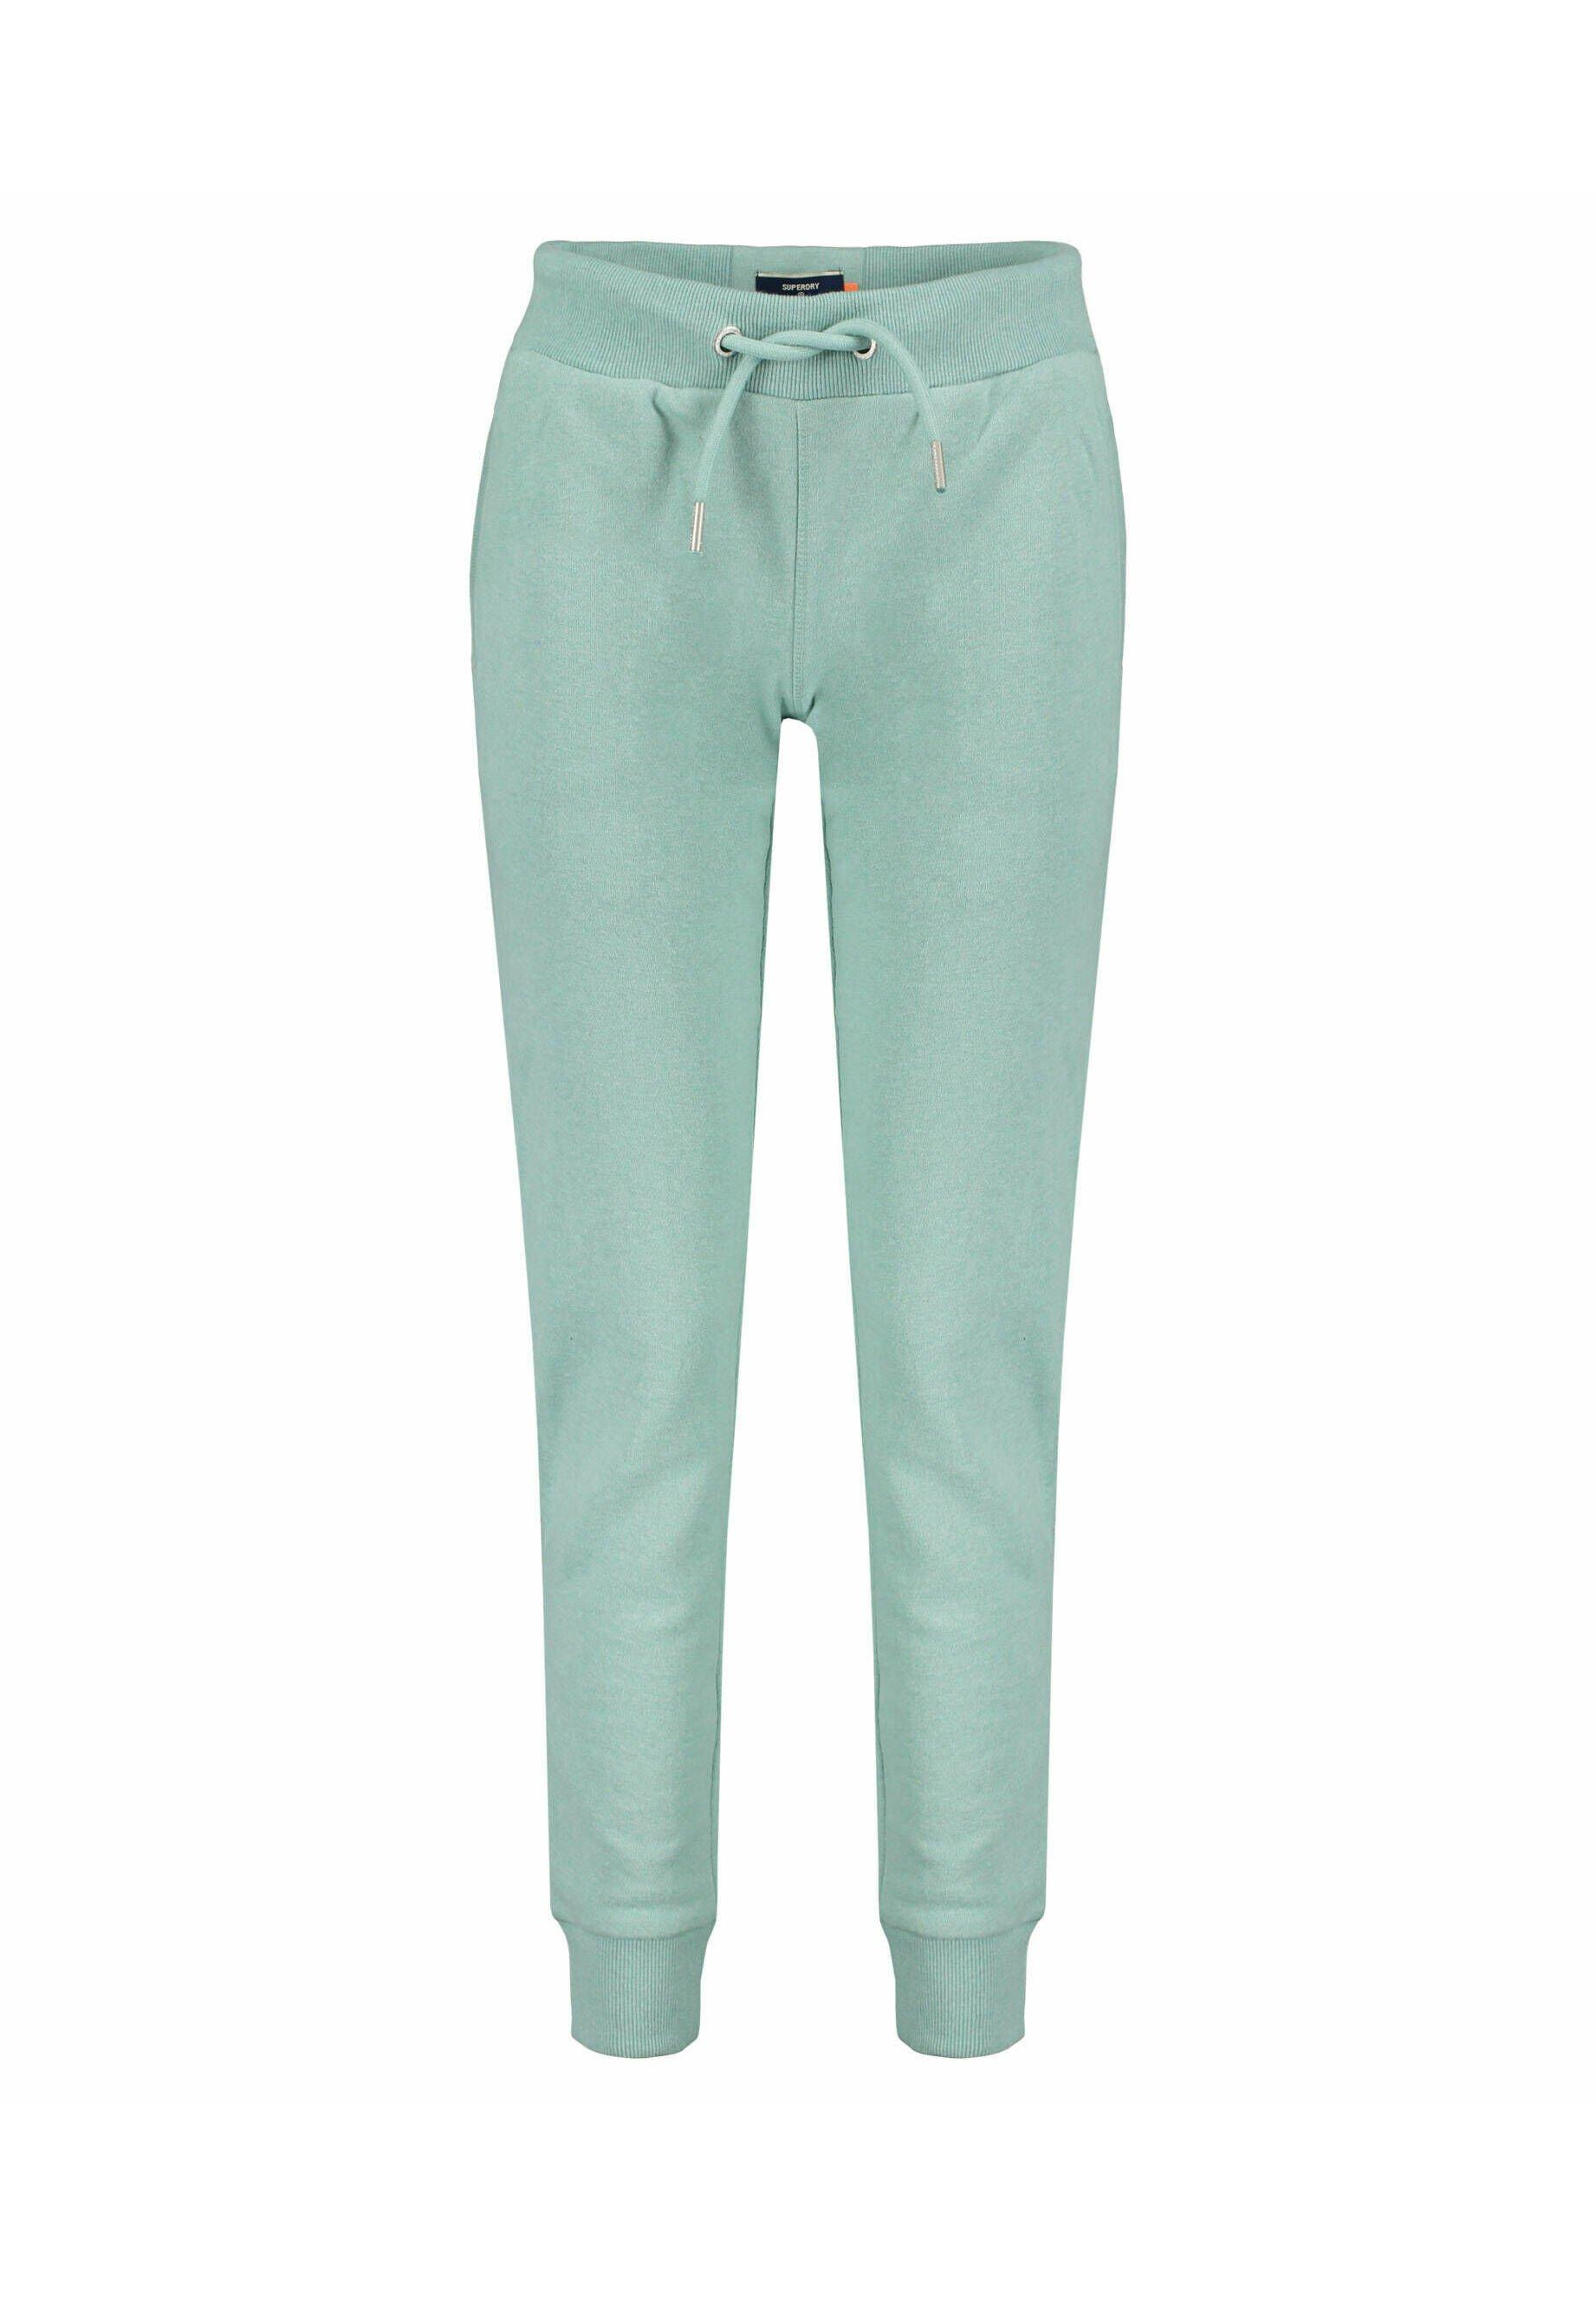 Damen Jogginghose - mint